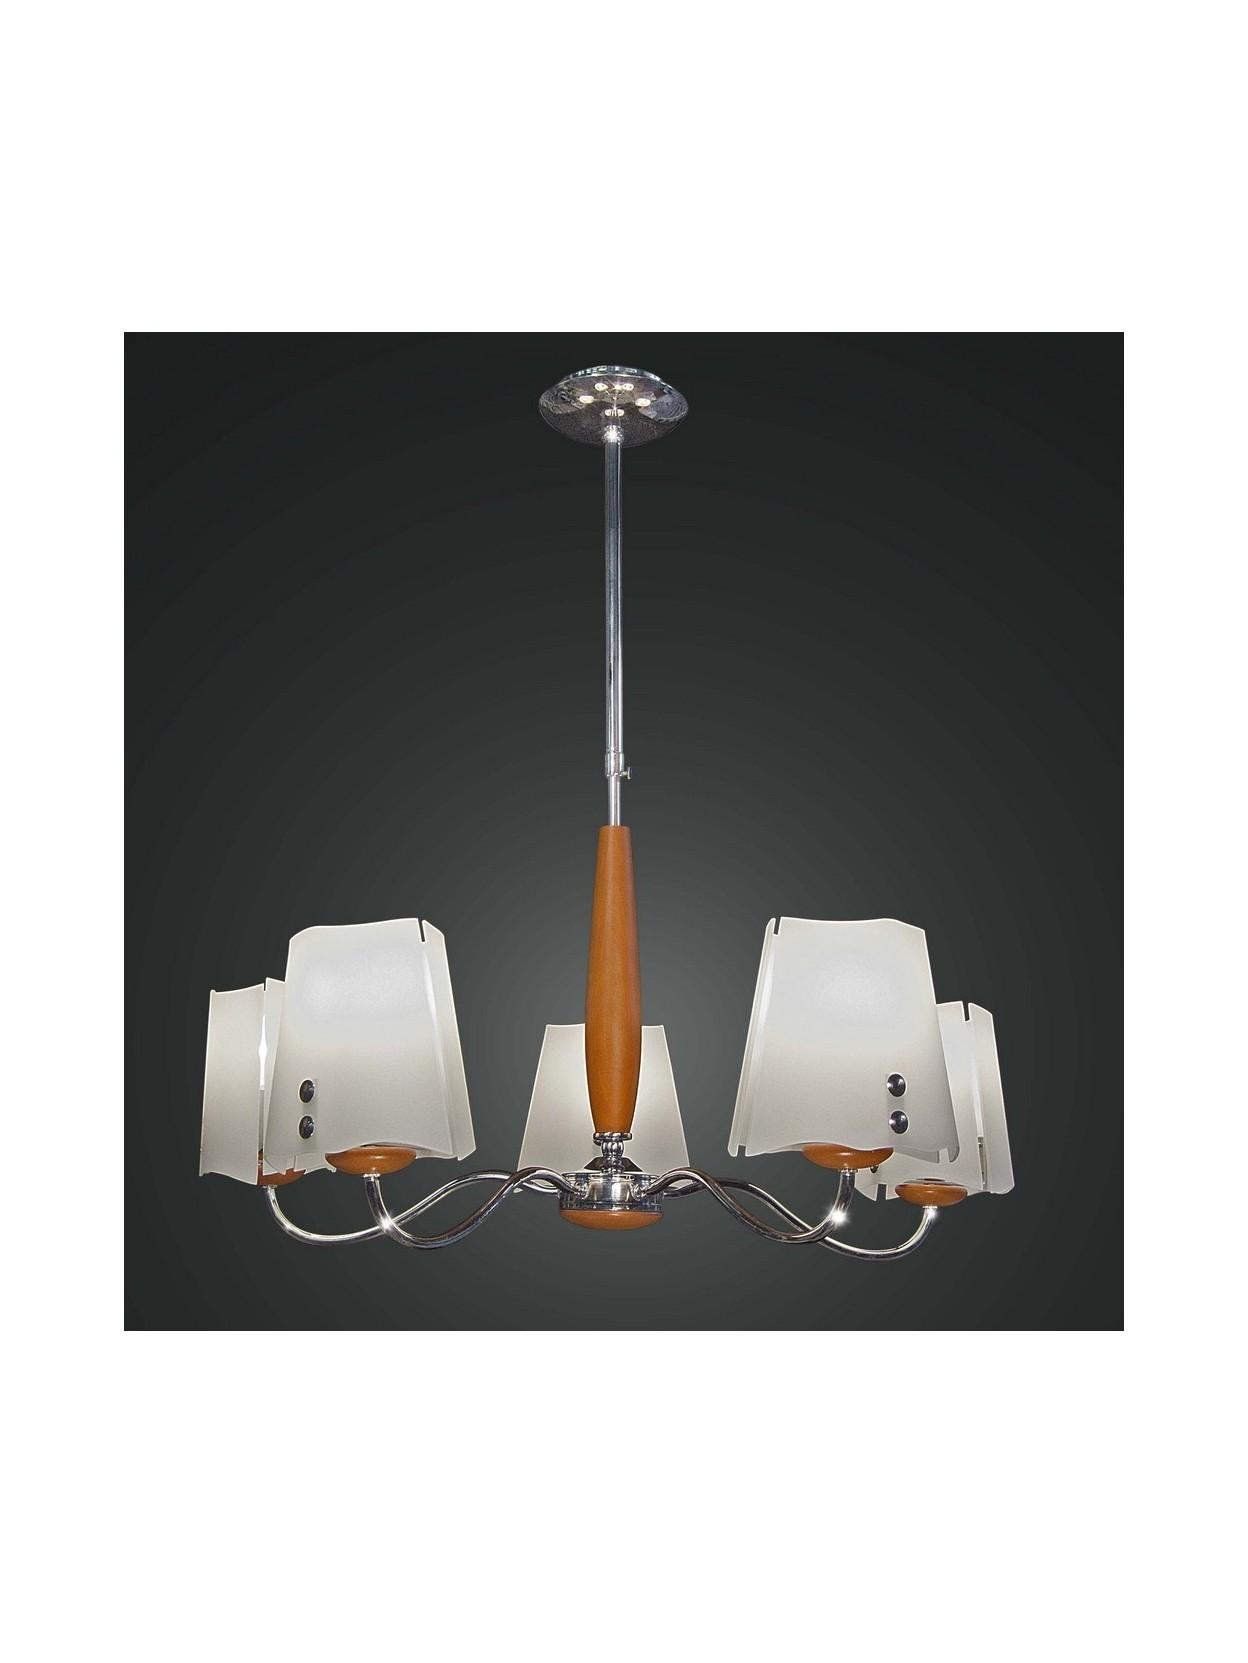 Lampadario in legno ciliegio moderno 5 luci bga 1089 for Lampadario legno moderno